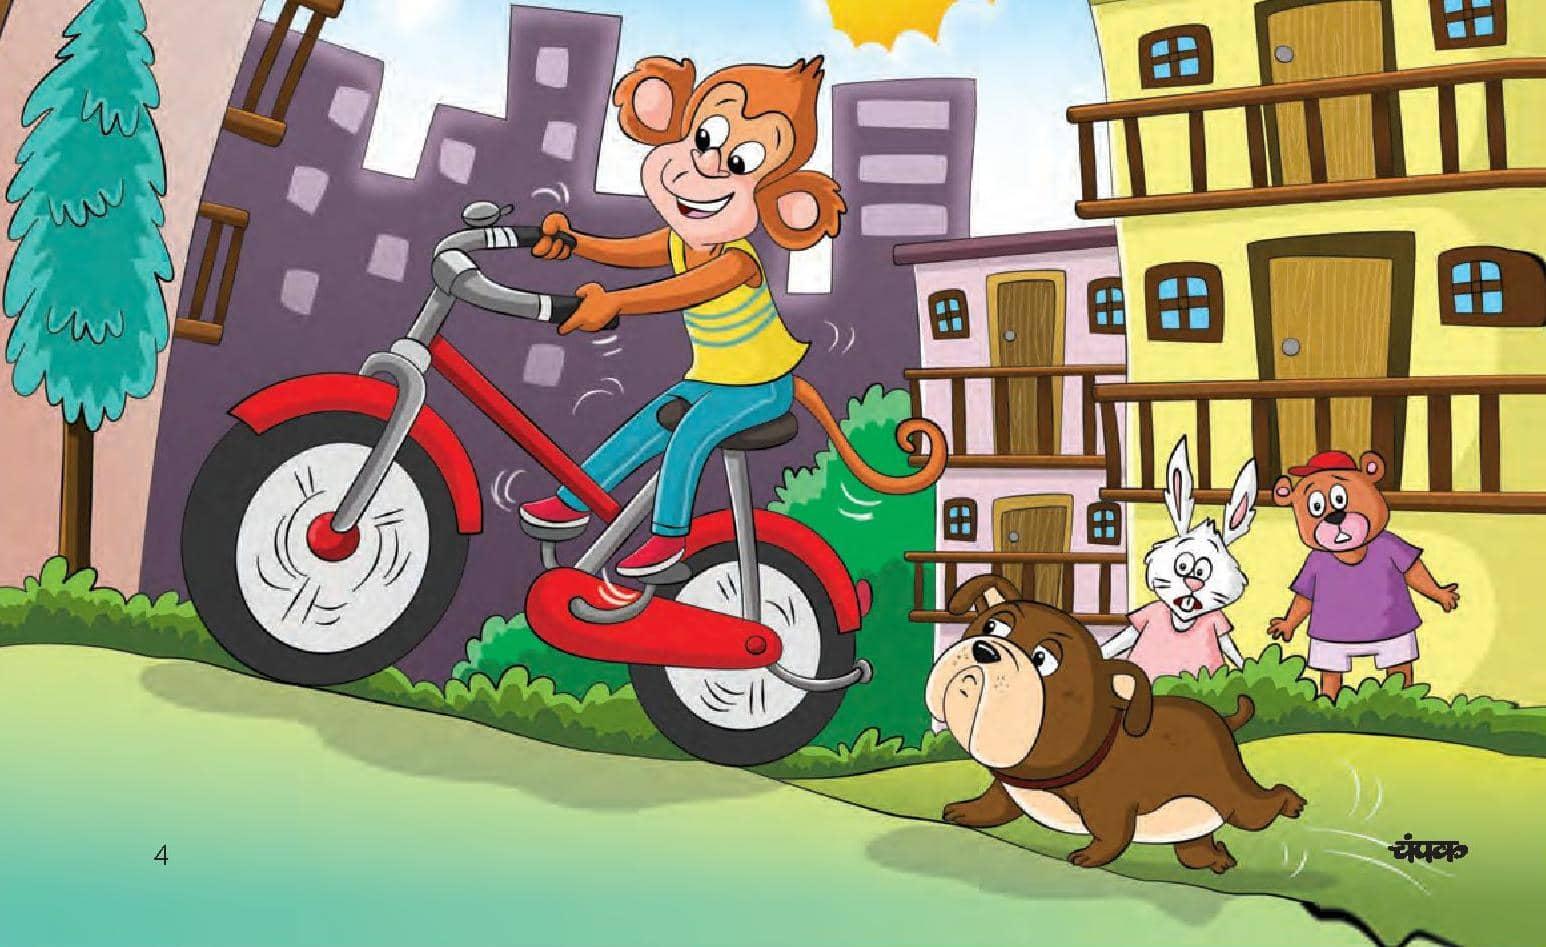 जपी और साइकिल